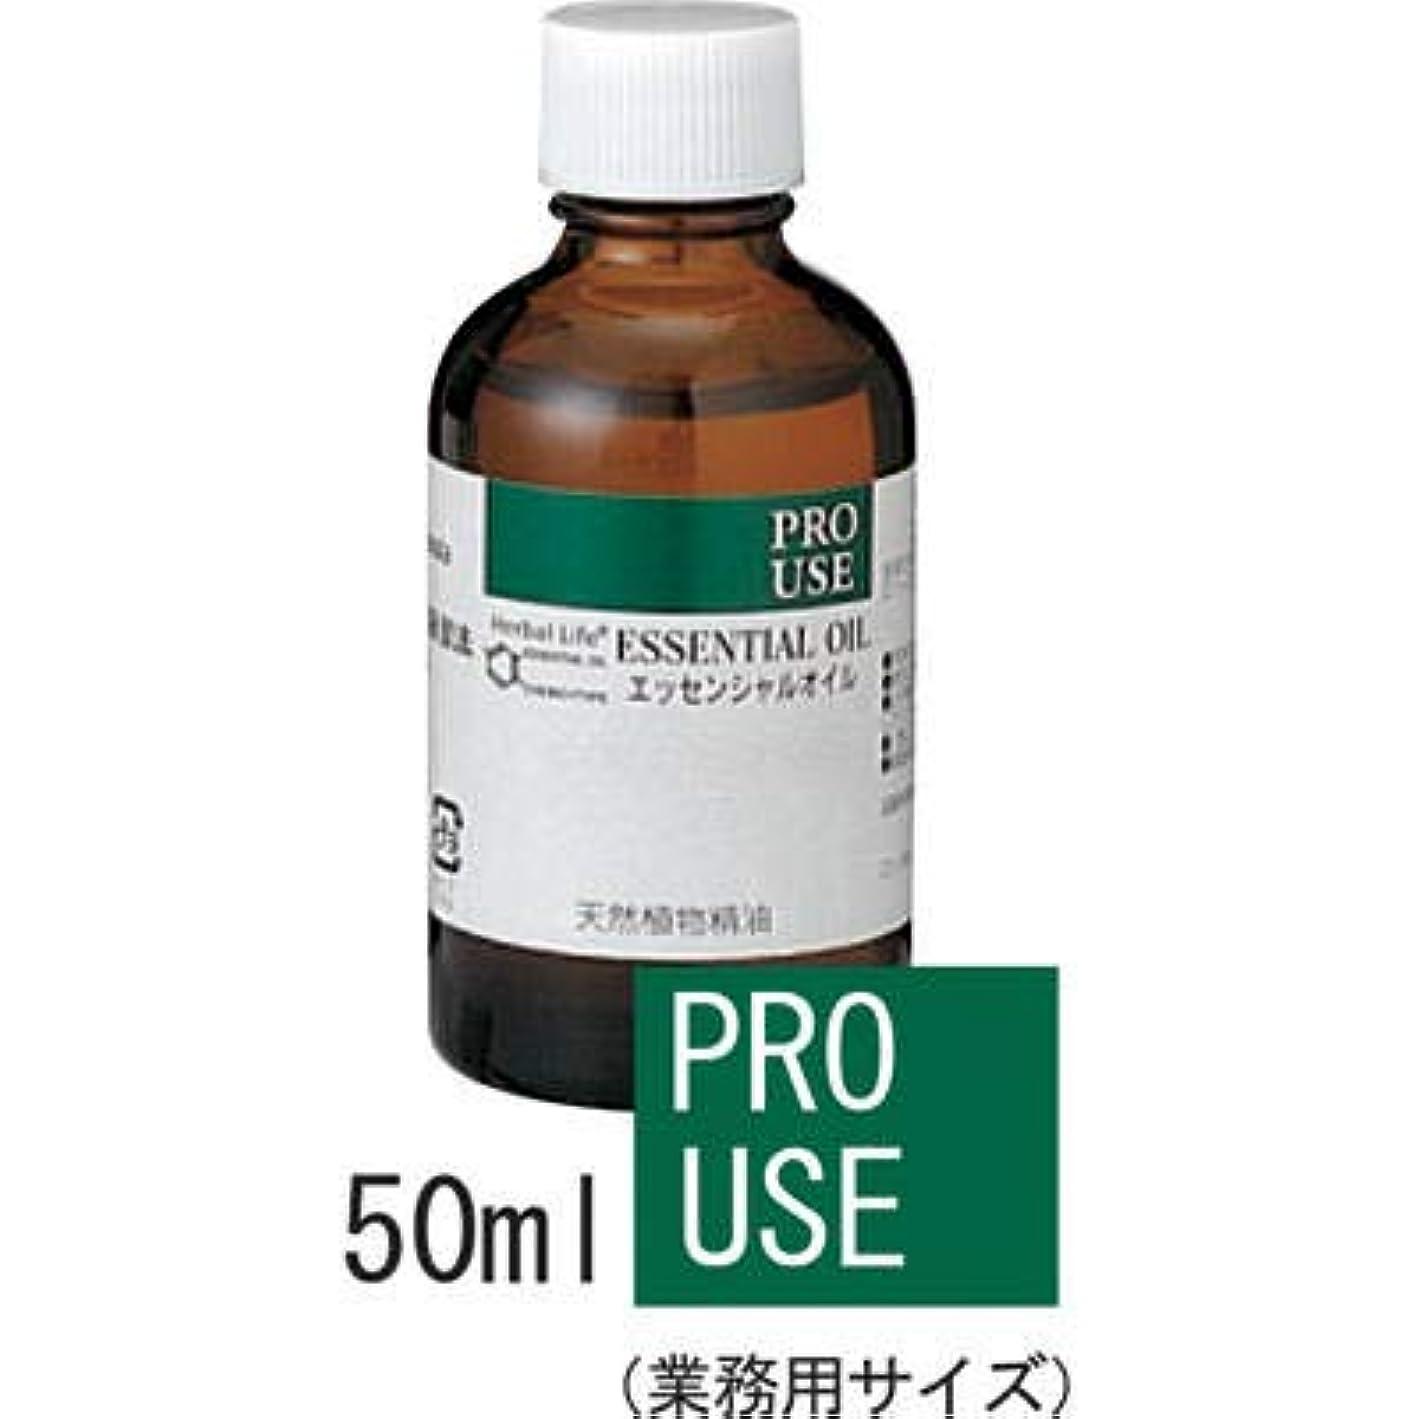 節約するある予想外エッセンシャルオイル(精油) フランキンセンス(乳香、オリバナム) 50ml 【生活の木】